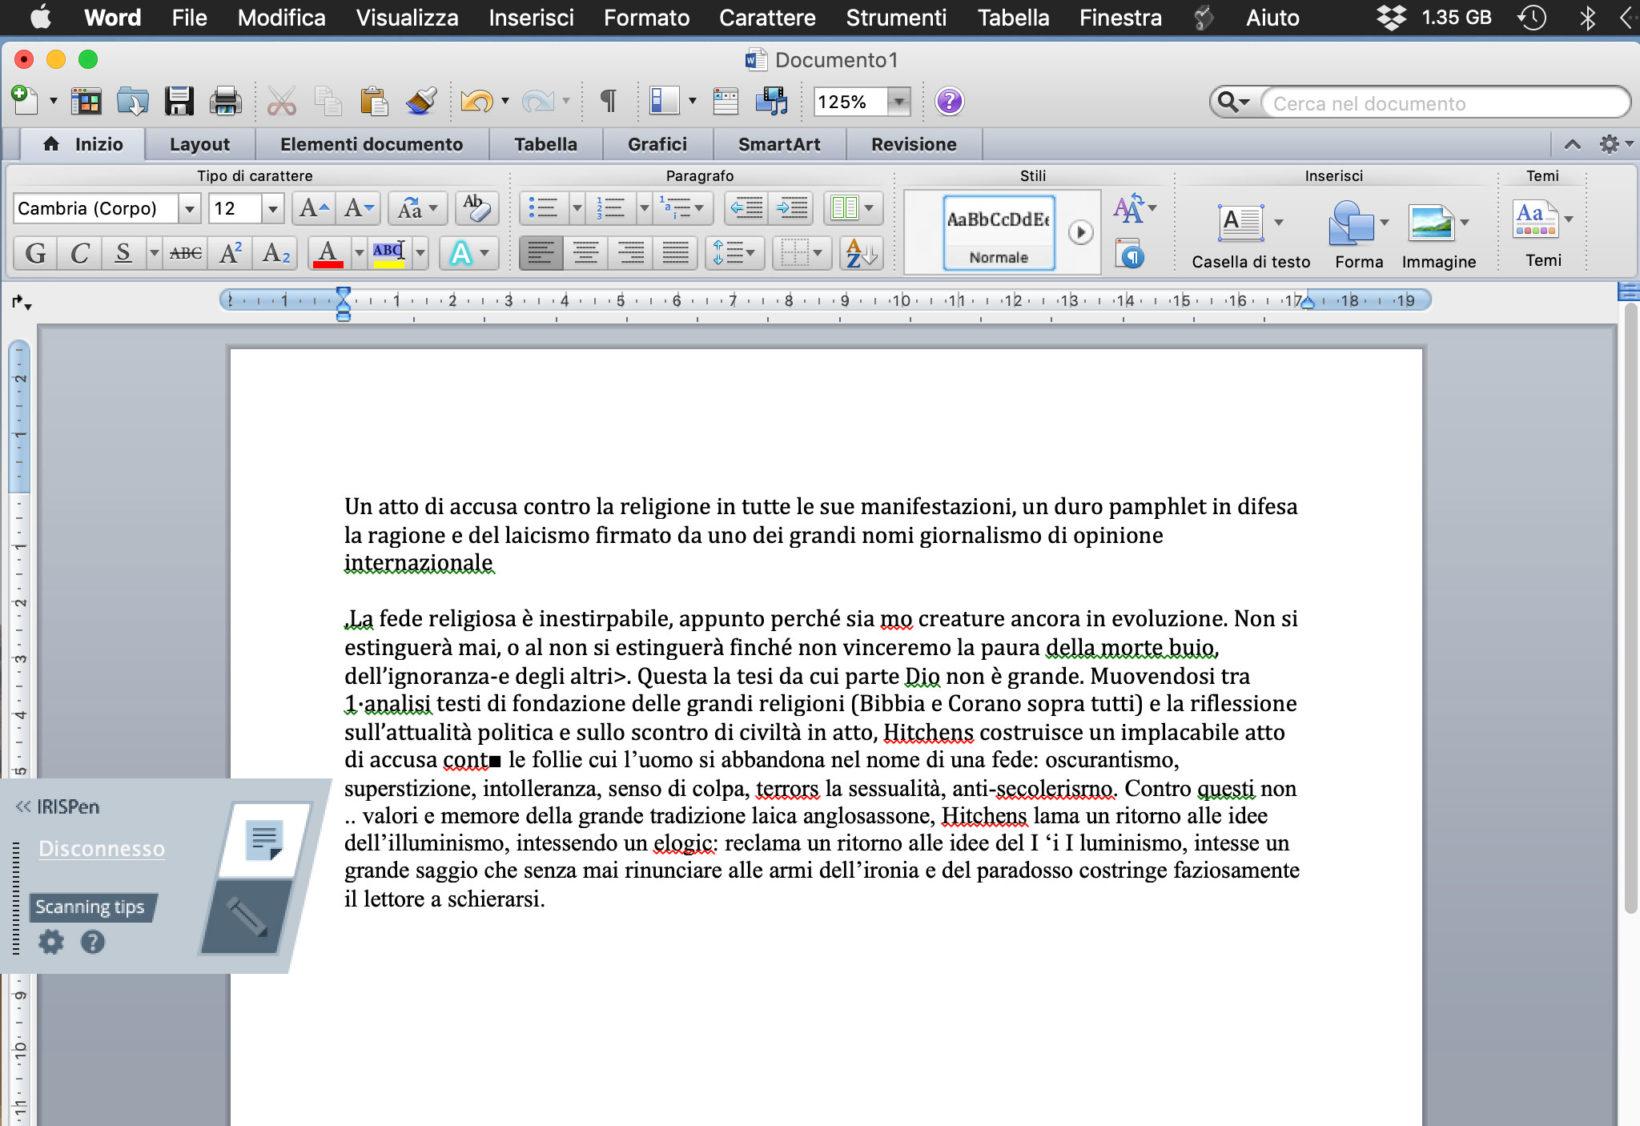 Il testo ottenuto scansionando la quarta di copertina del libro nella foto precedente